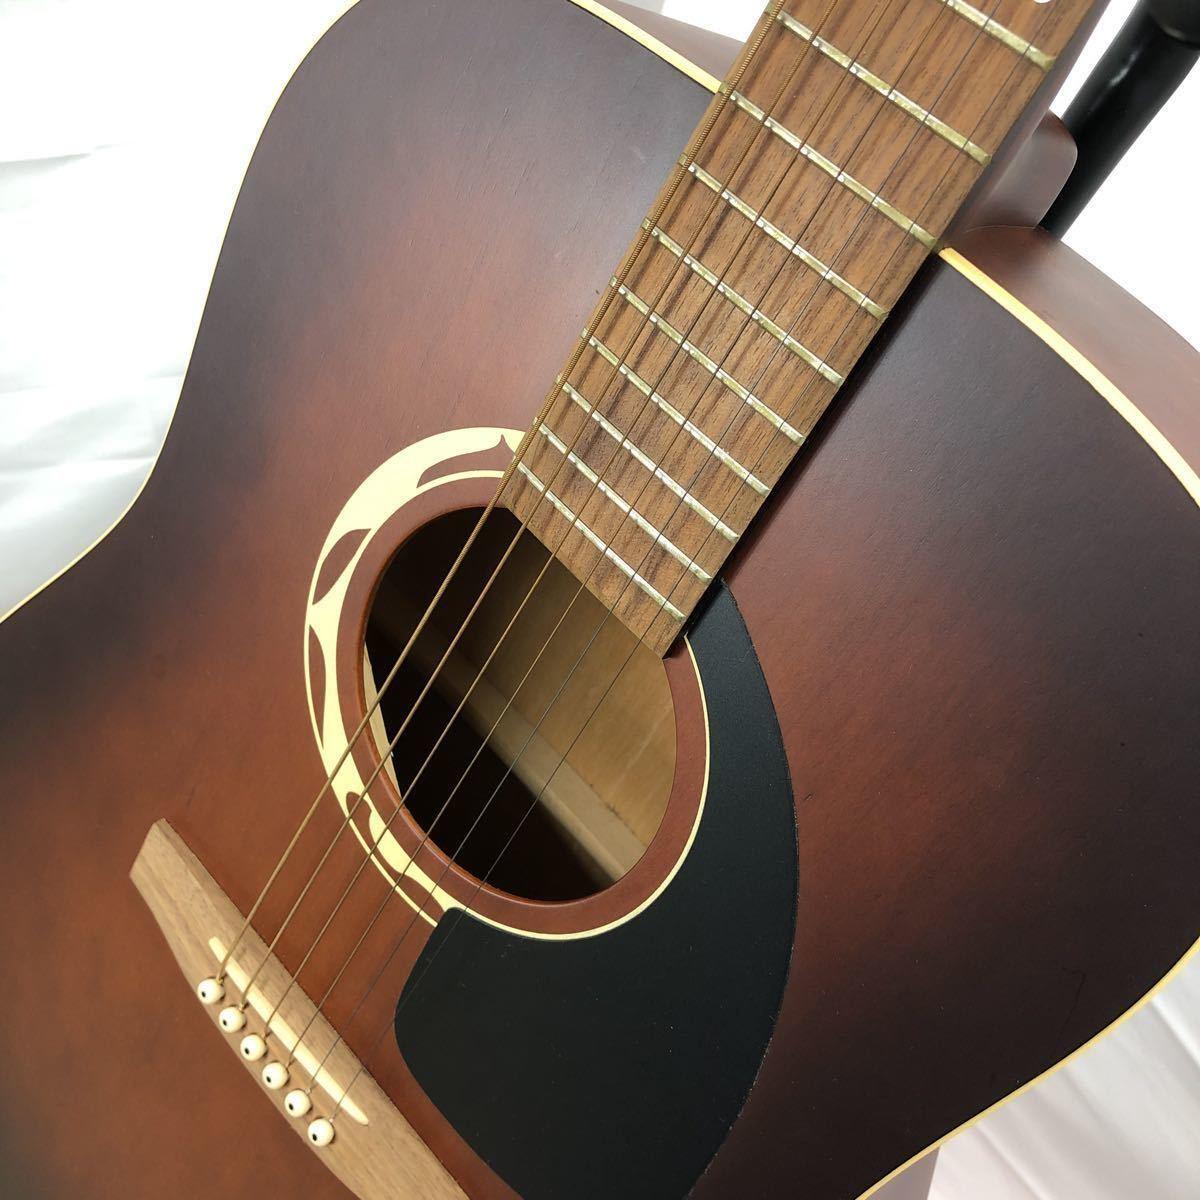 佐17/1円スタート! 美品! Art & Lutherie アート&ルシアー アコースティックギター MODEL:A&L WiLD CHERRY 97485417 ハンドメイド CANADA_画像3